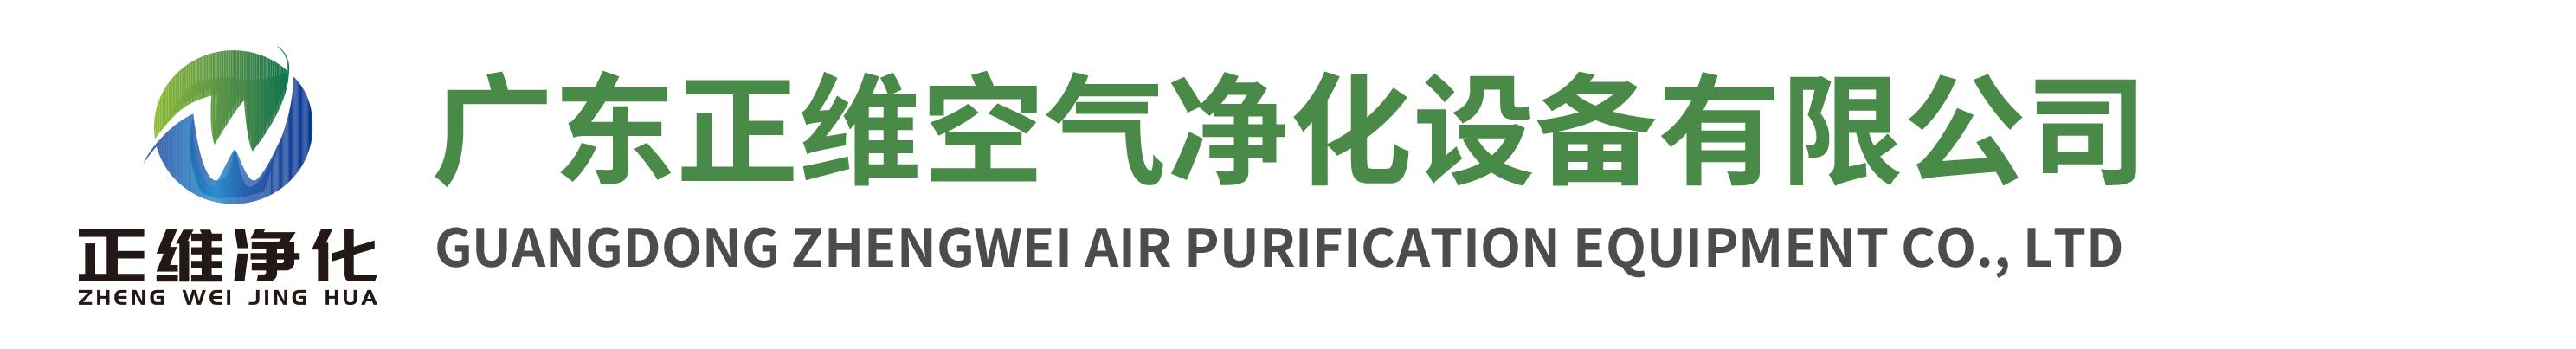 广东正维空气净化设备有限公司